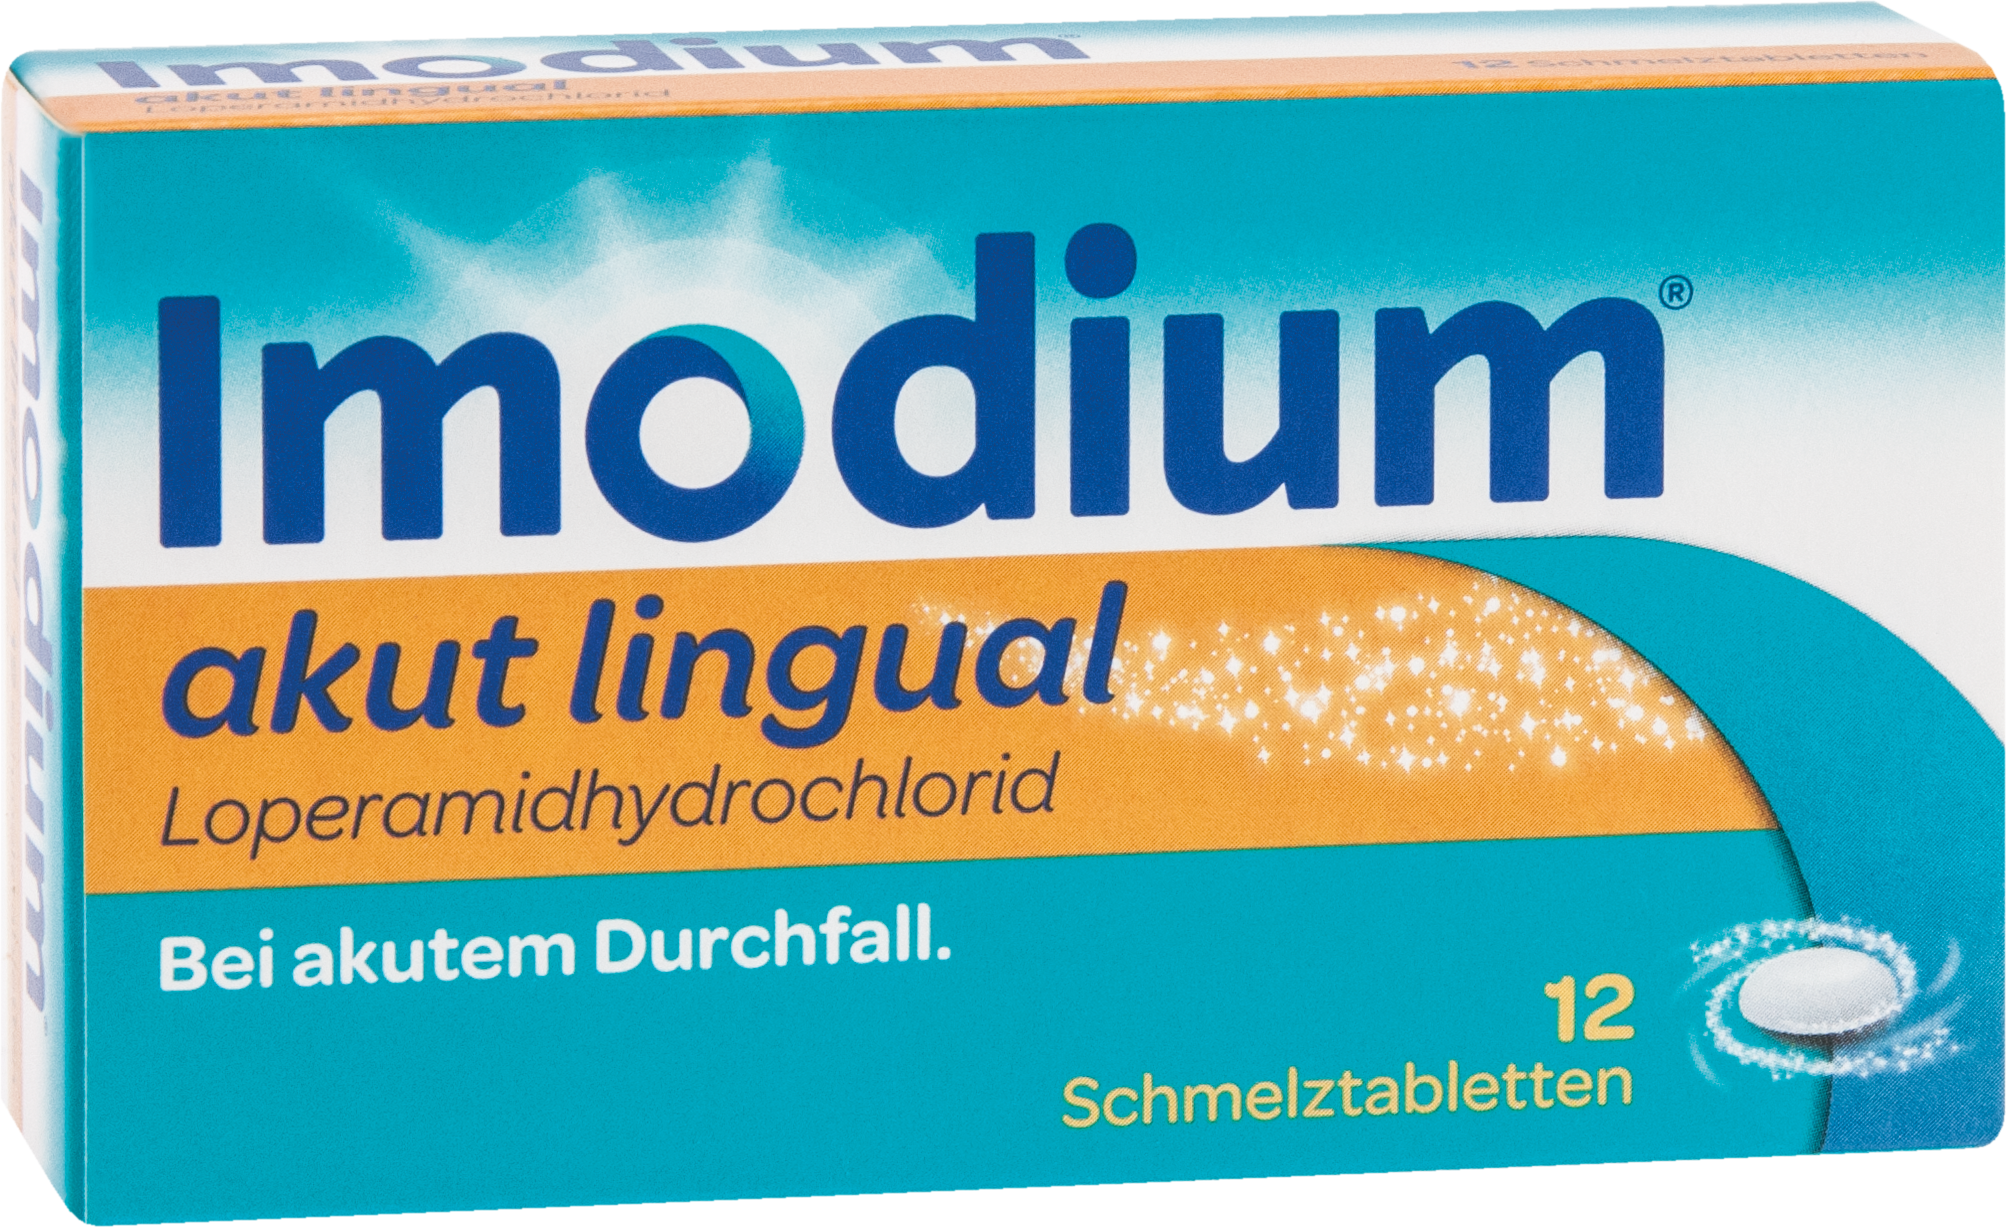 Imodium akut lingual